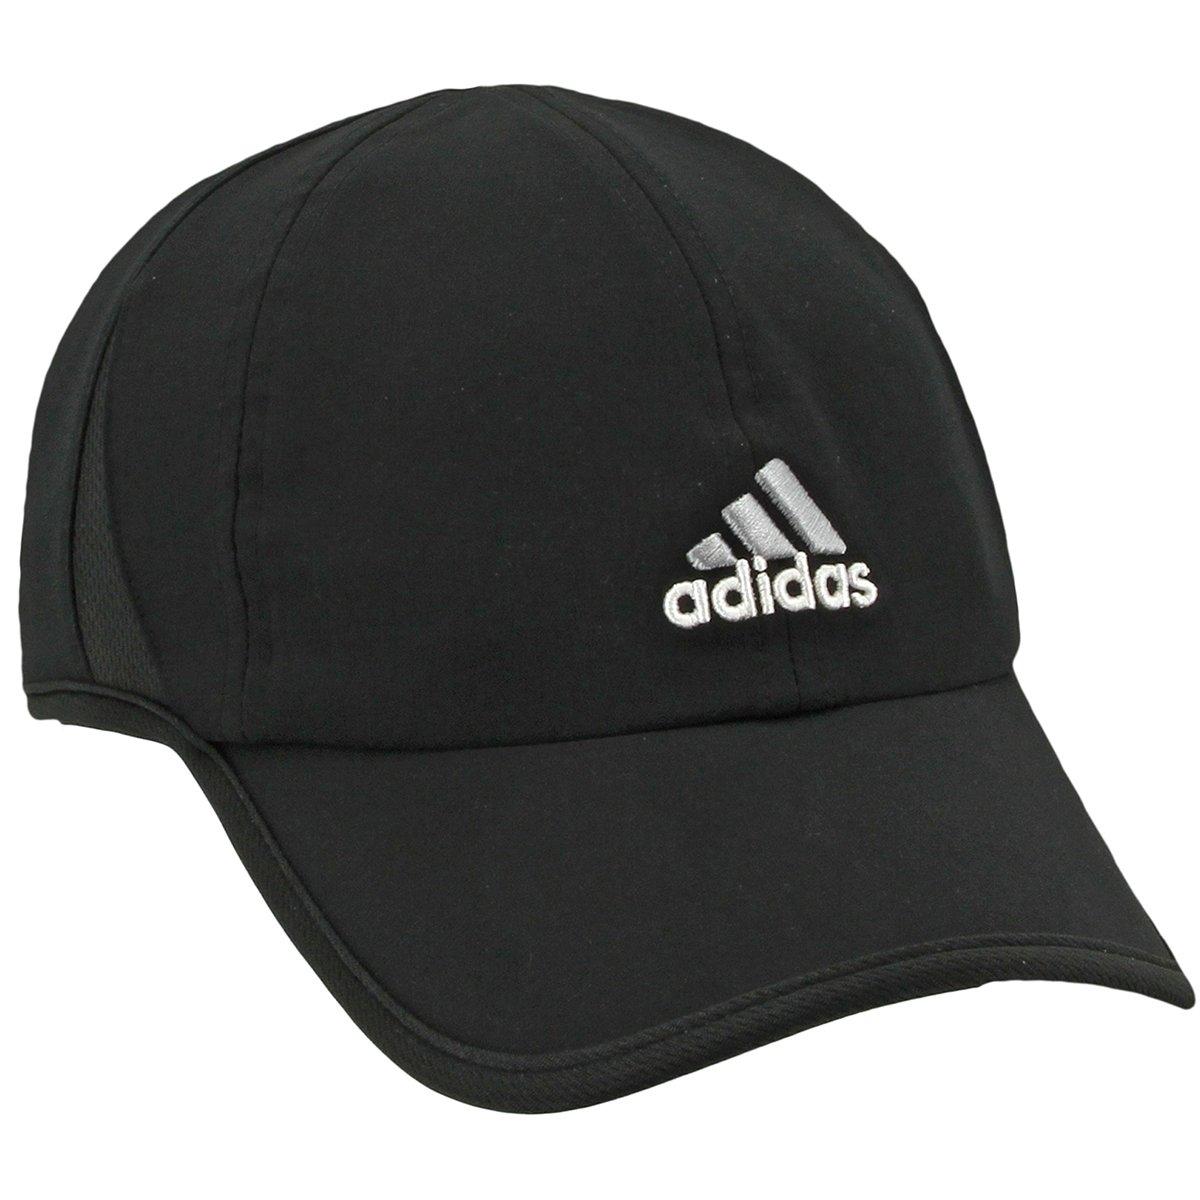 Adidas Adizero Costco Sombrero rXONLvRiR